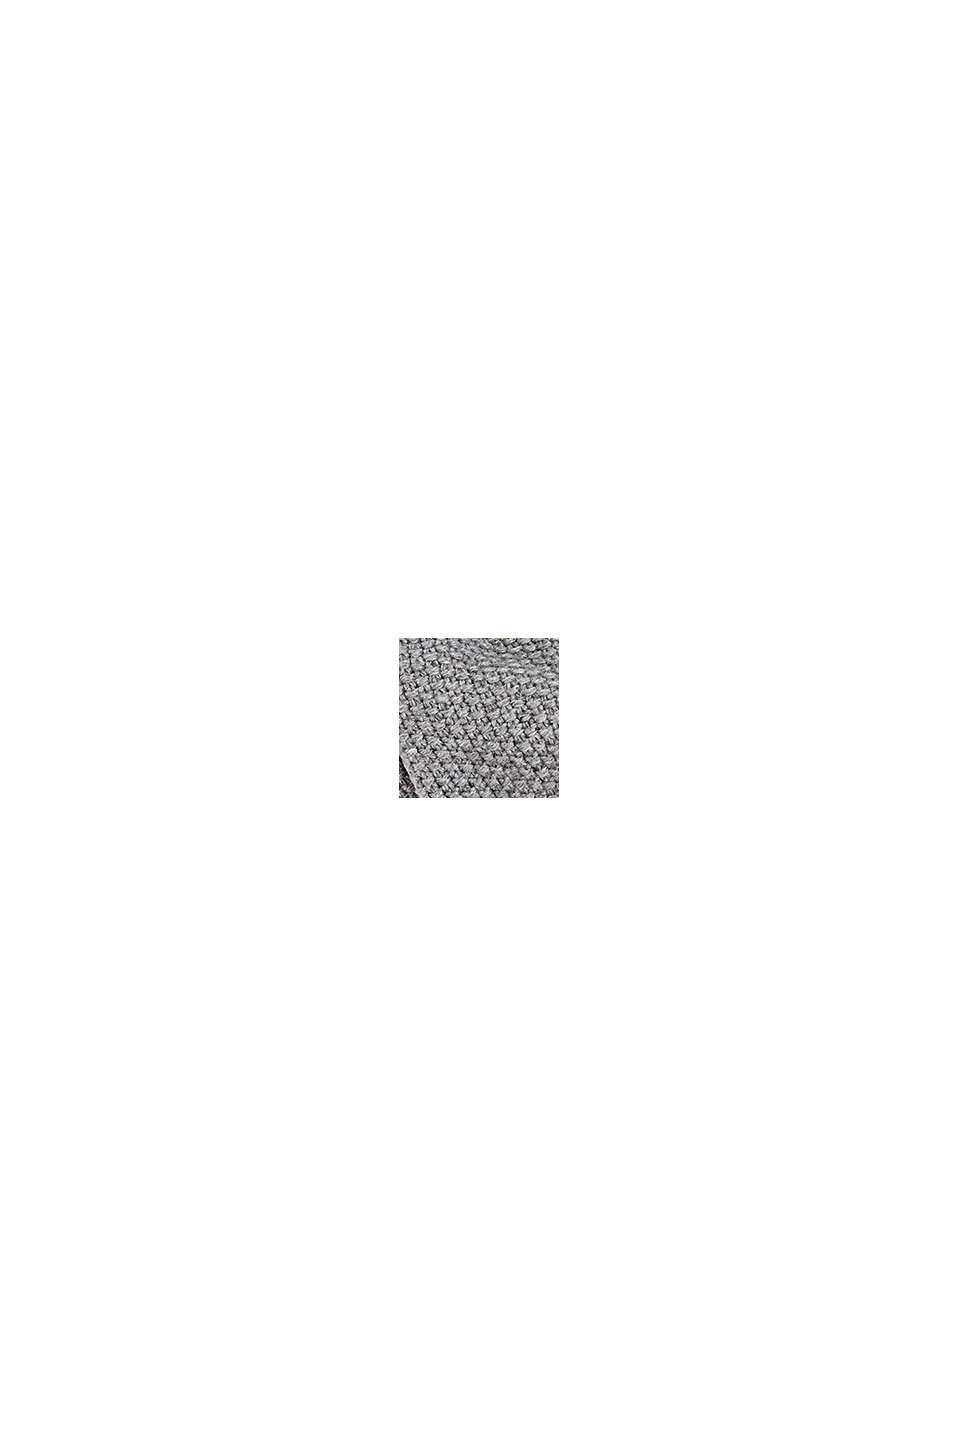 Loop-Schal aus recyceltem Garn, GREY, swatch